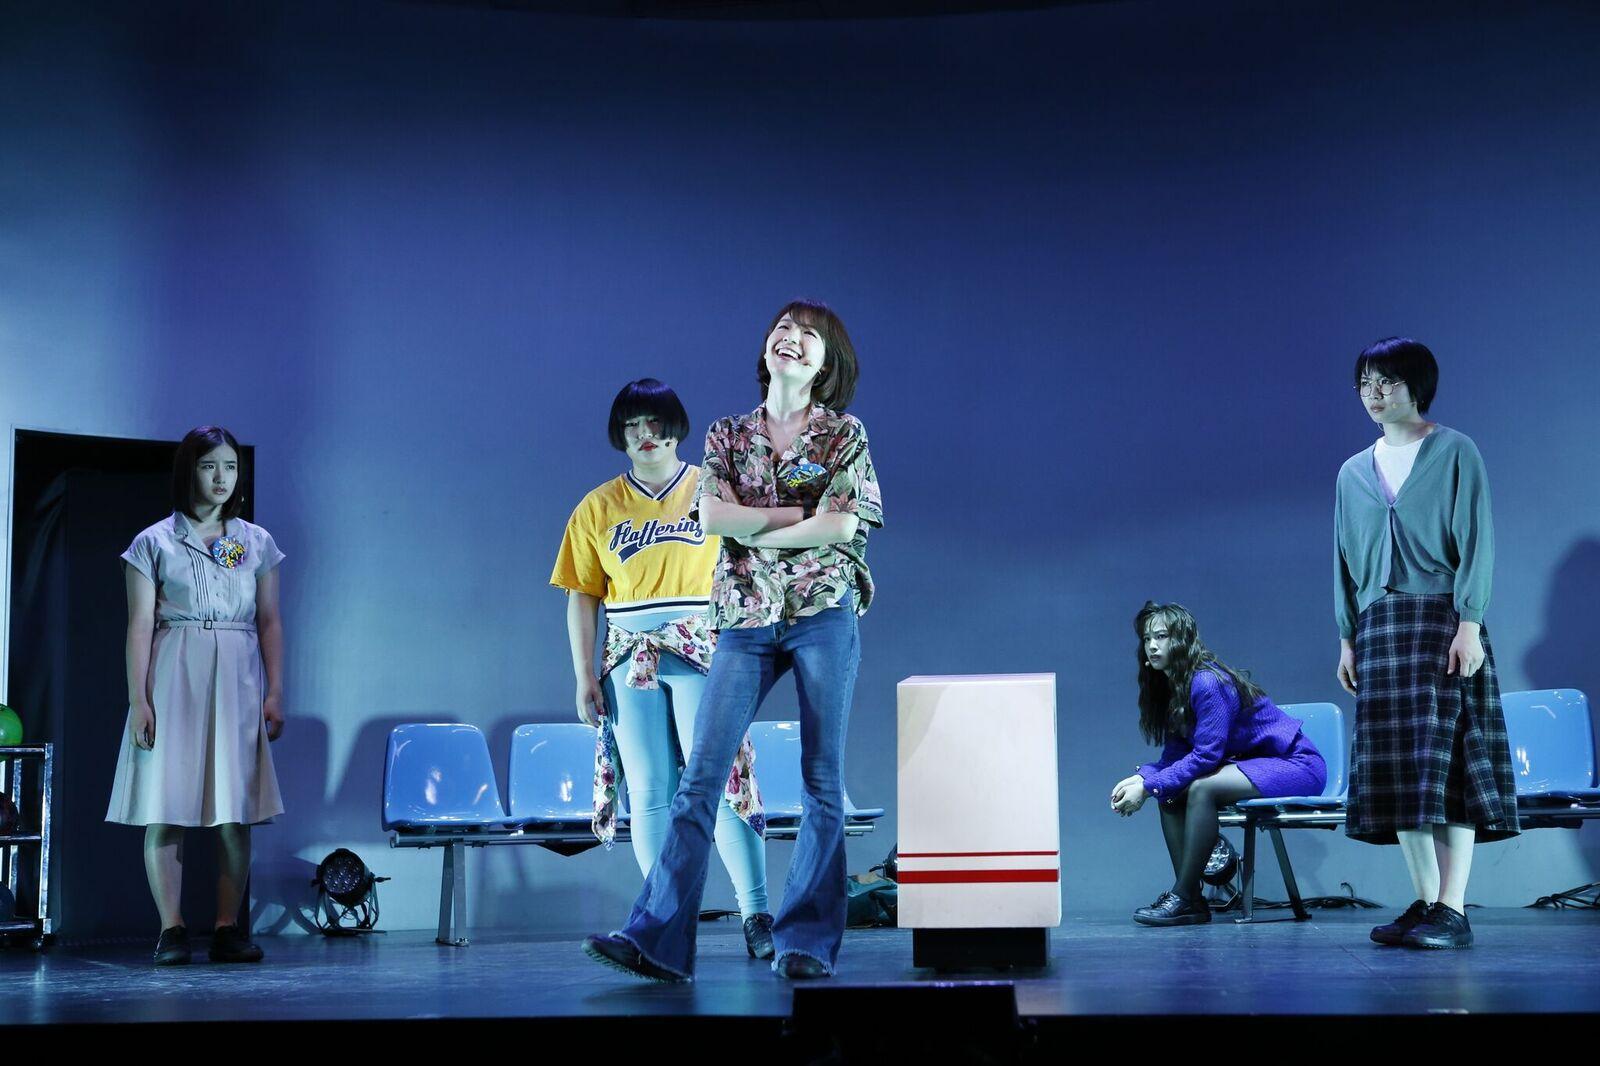 劇団4ドル50セント 週末定期公演 Vol.1舞台写真7